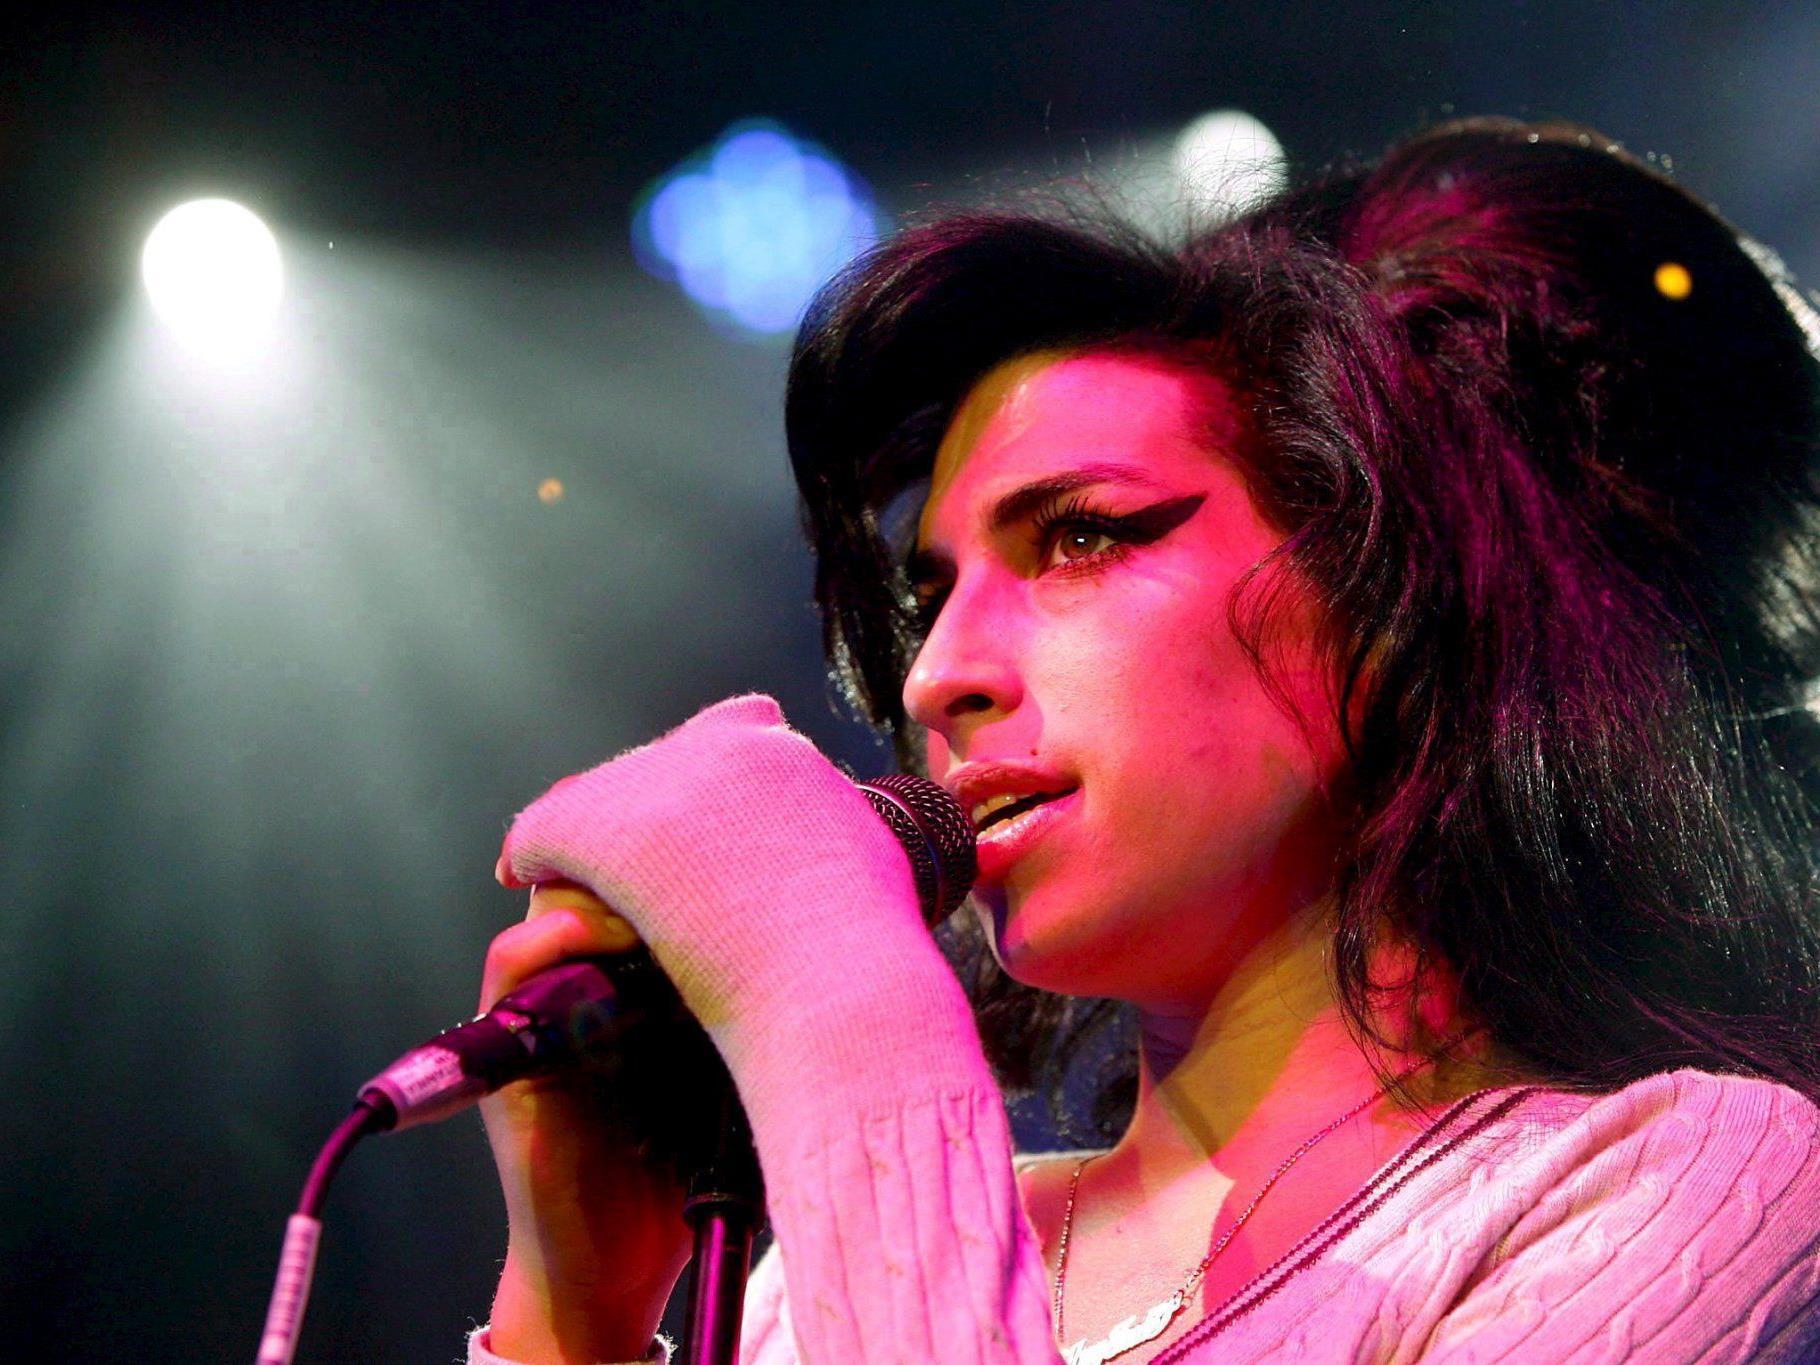 Mitch Winehouse ist der Meinung, dass seine Tochter Amy zu wenig aufgeklärt wurde..